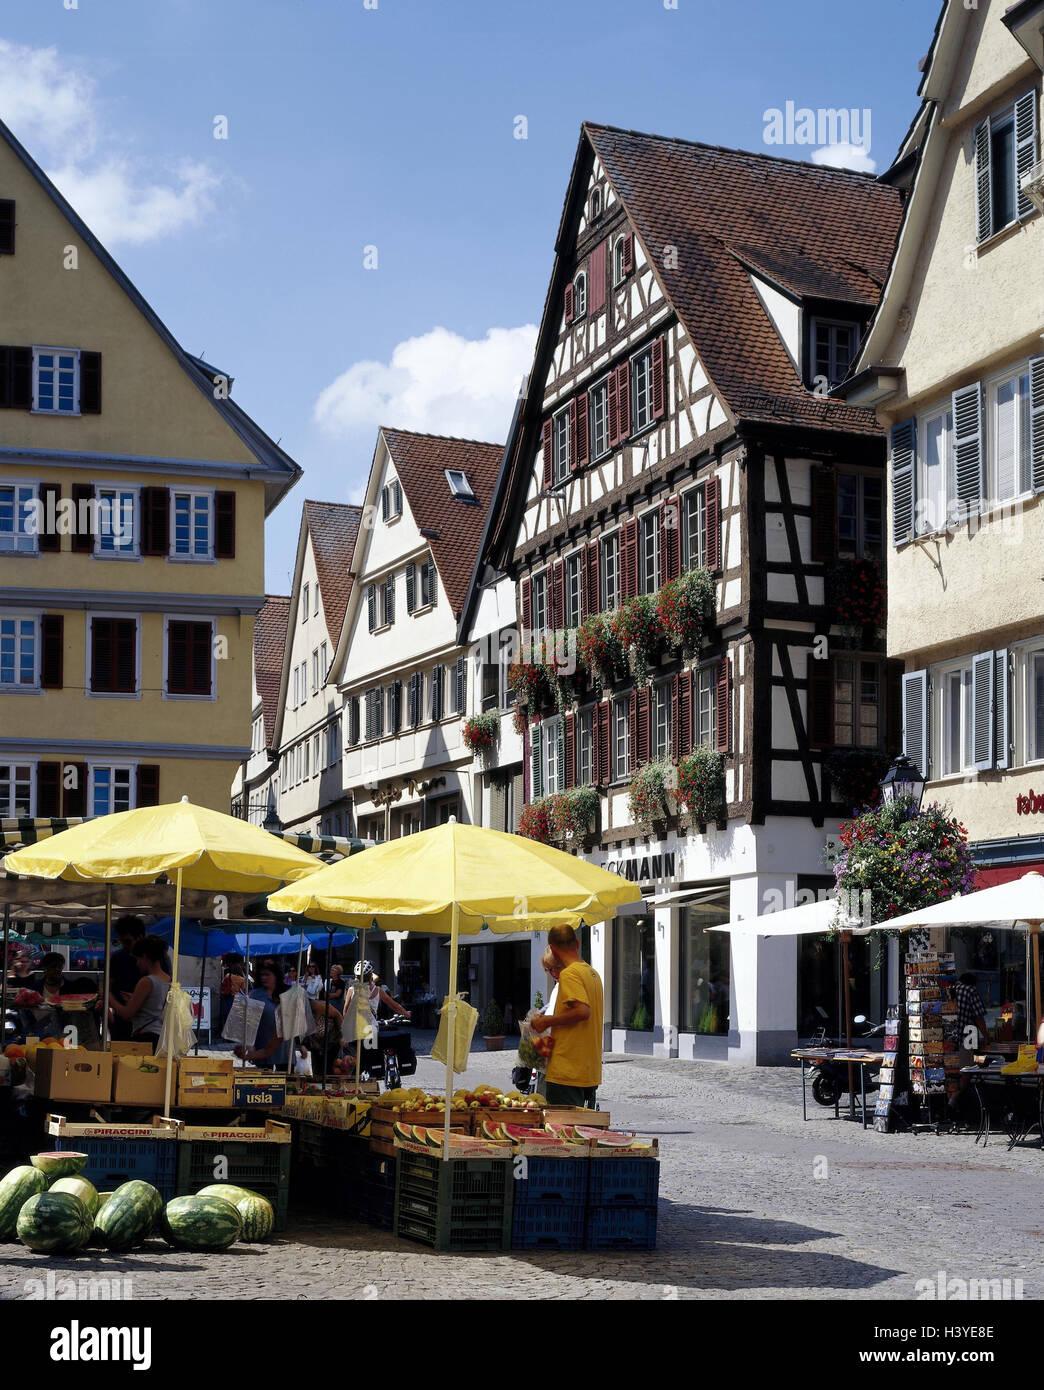 Deutschland, Baden-Württemberg, Tübingen, Altstadt, Obsstand, außen ...